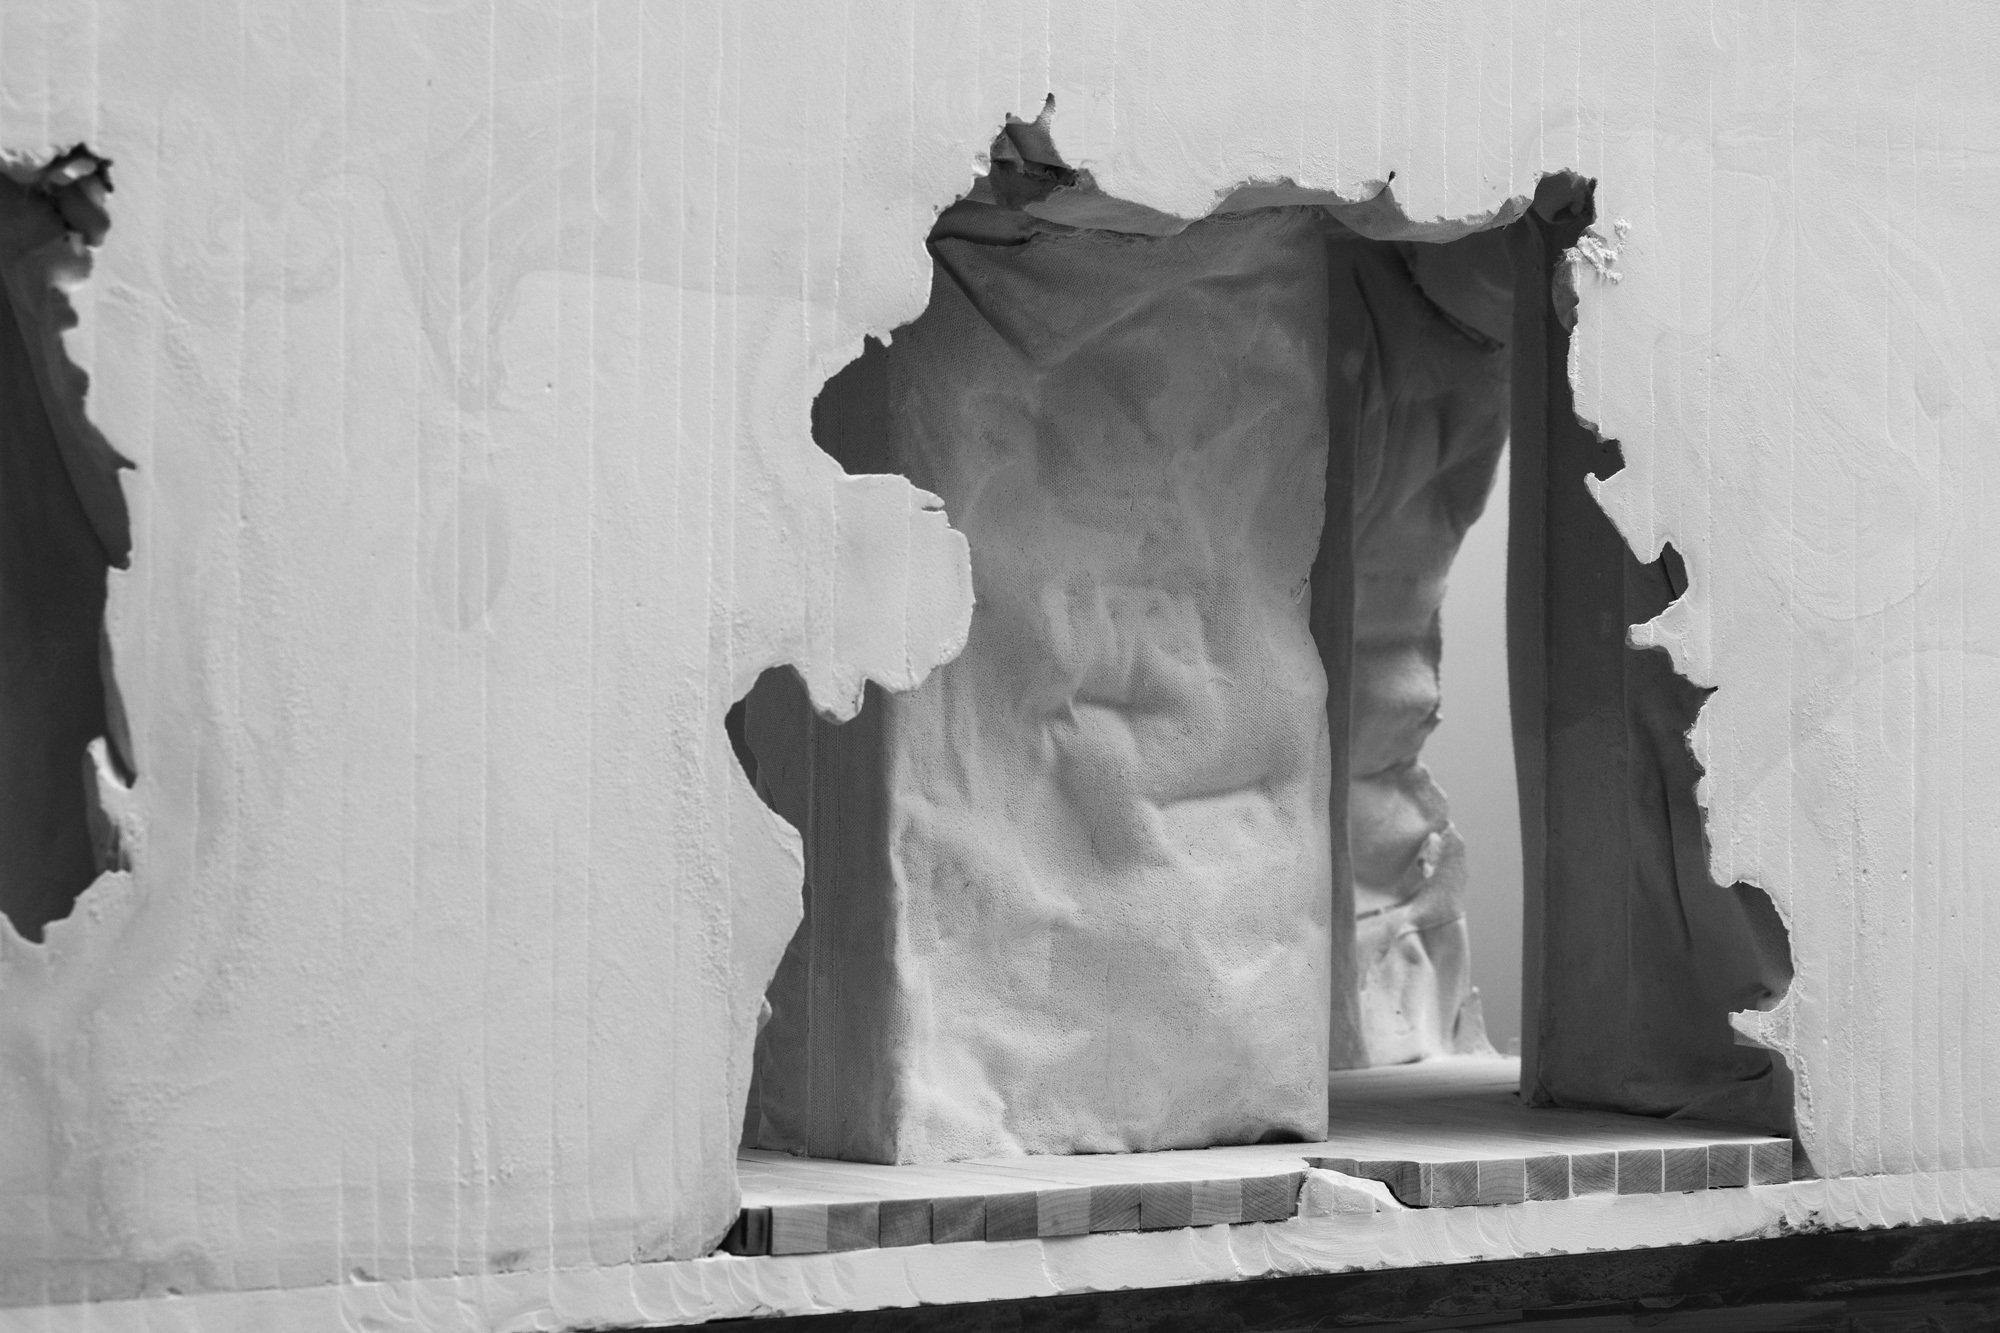 Diese Methode formte willkürliche Aussparungen in der Fassade, die zu Fenstern wurden.